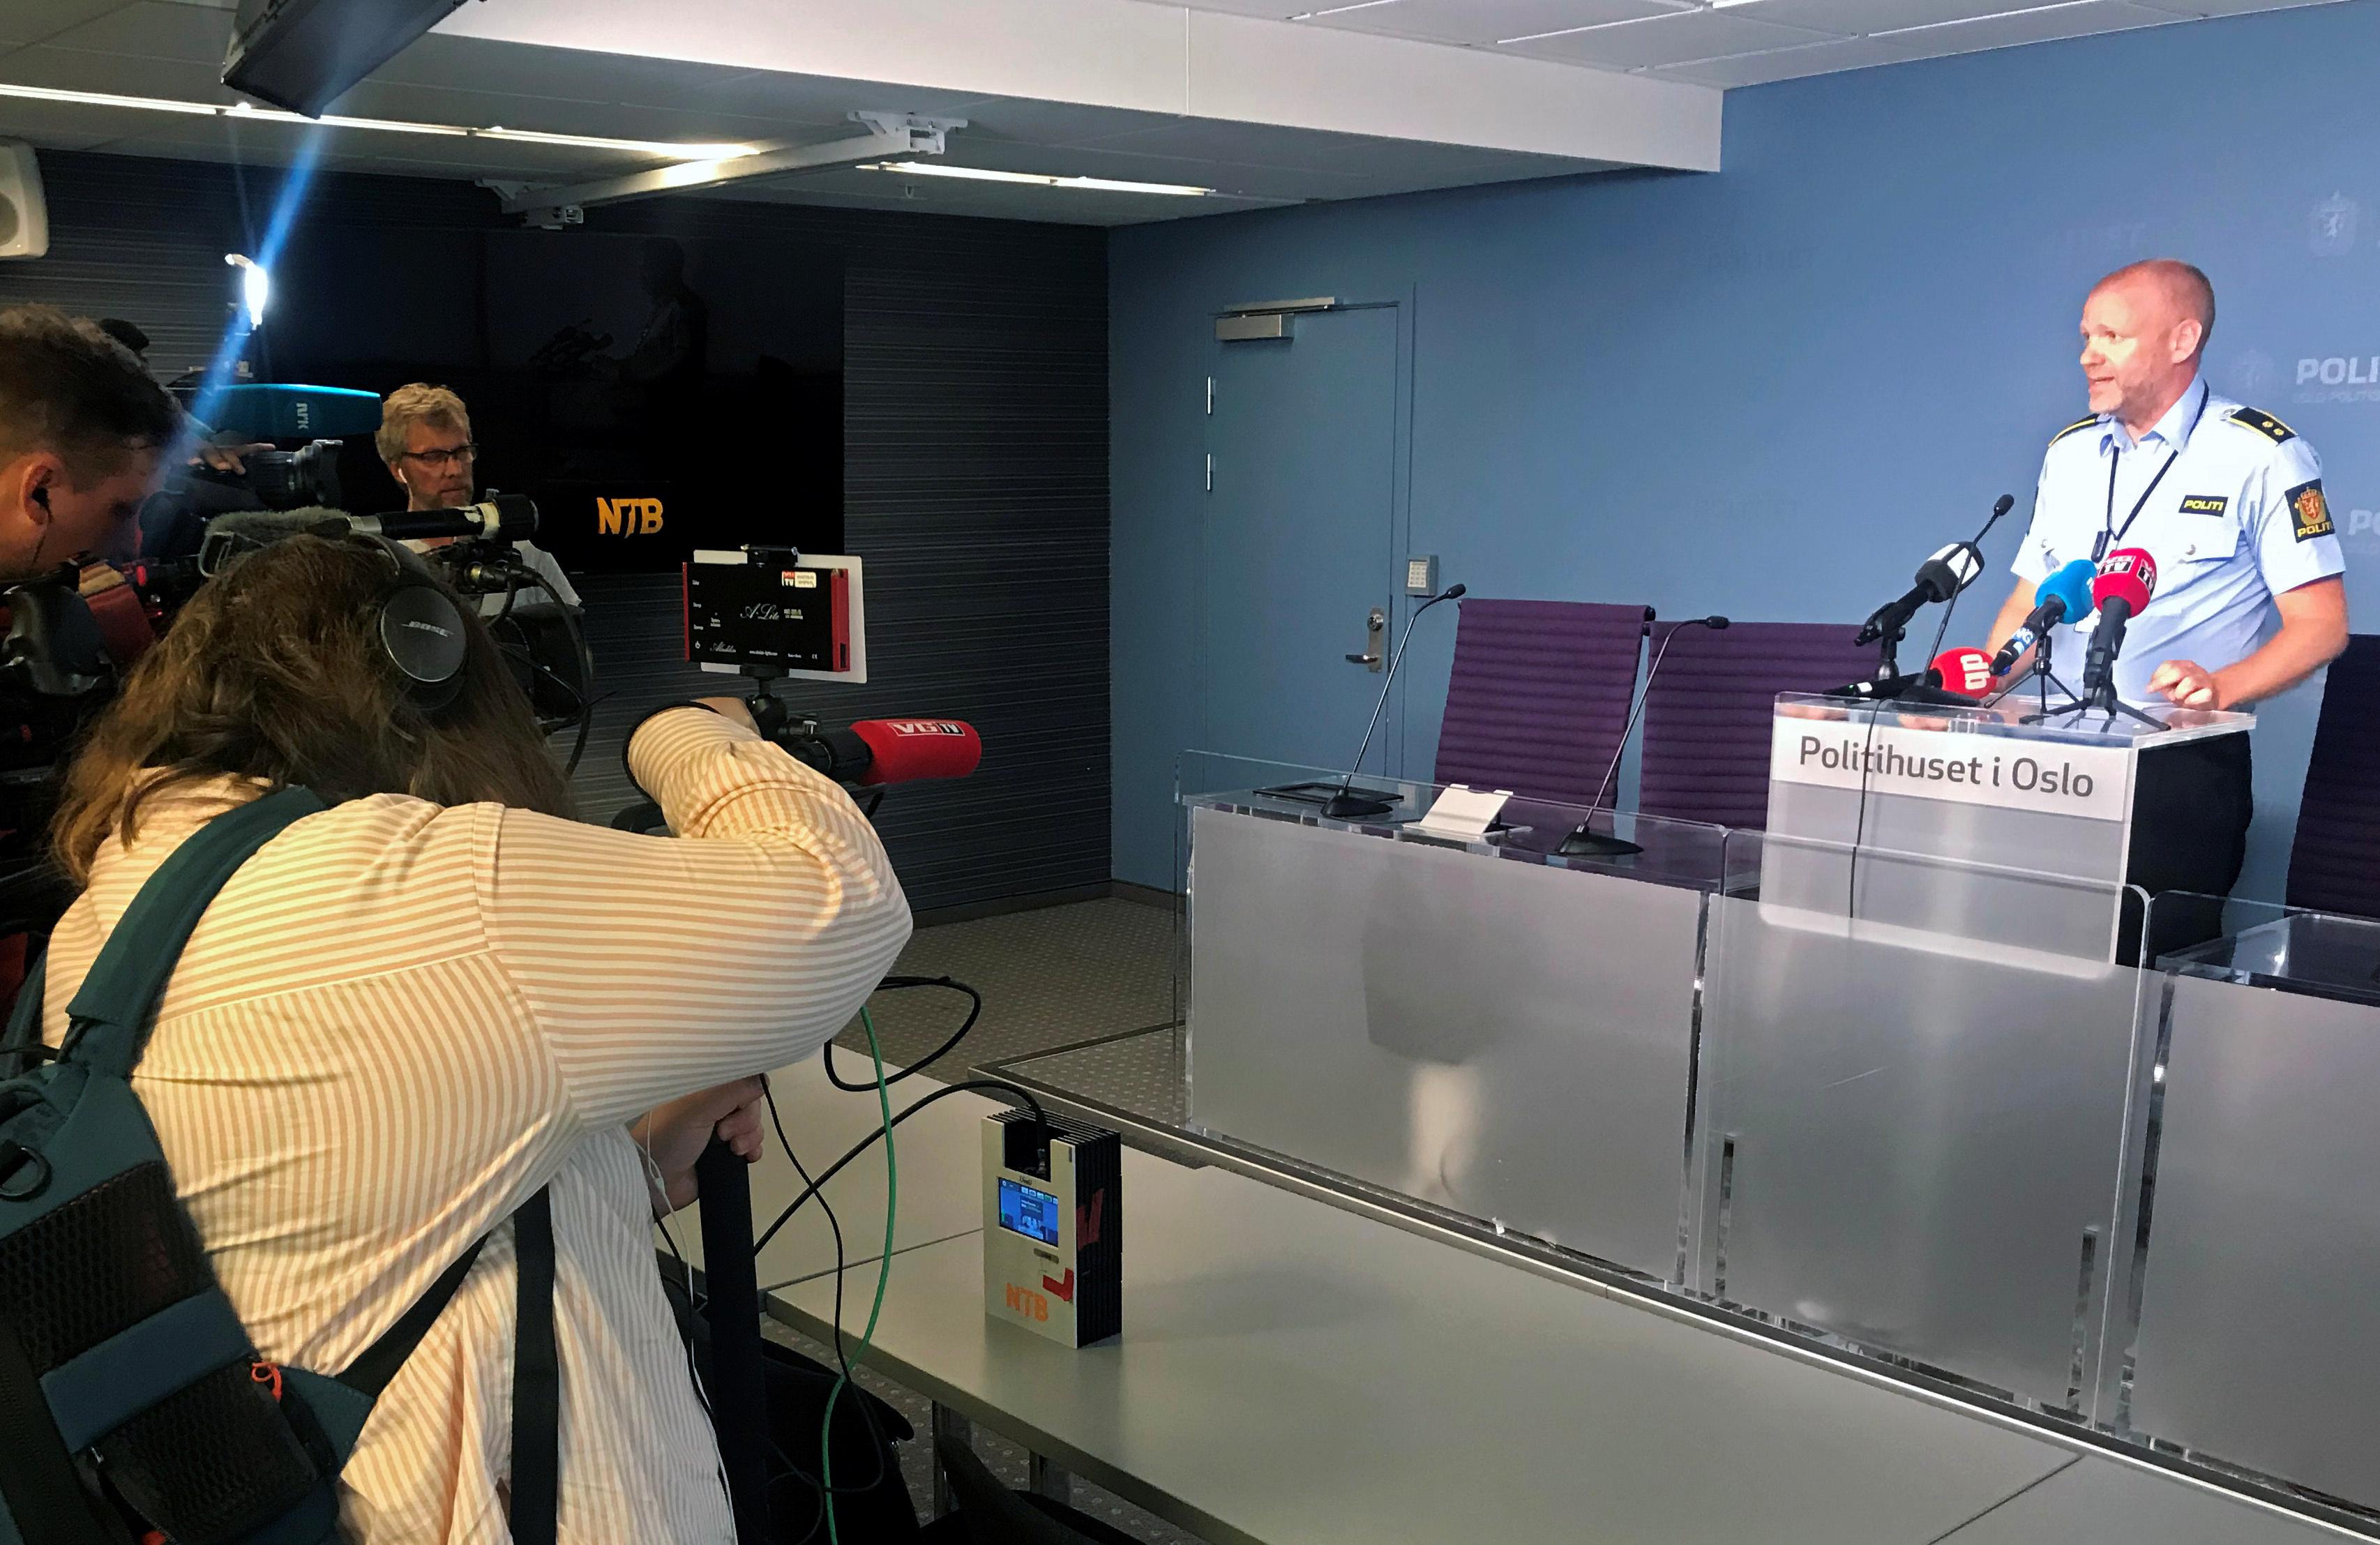 المؤتمر الصحفي للشرطة النرويجية